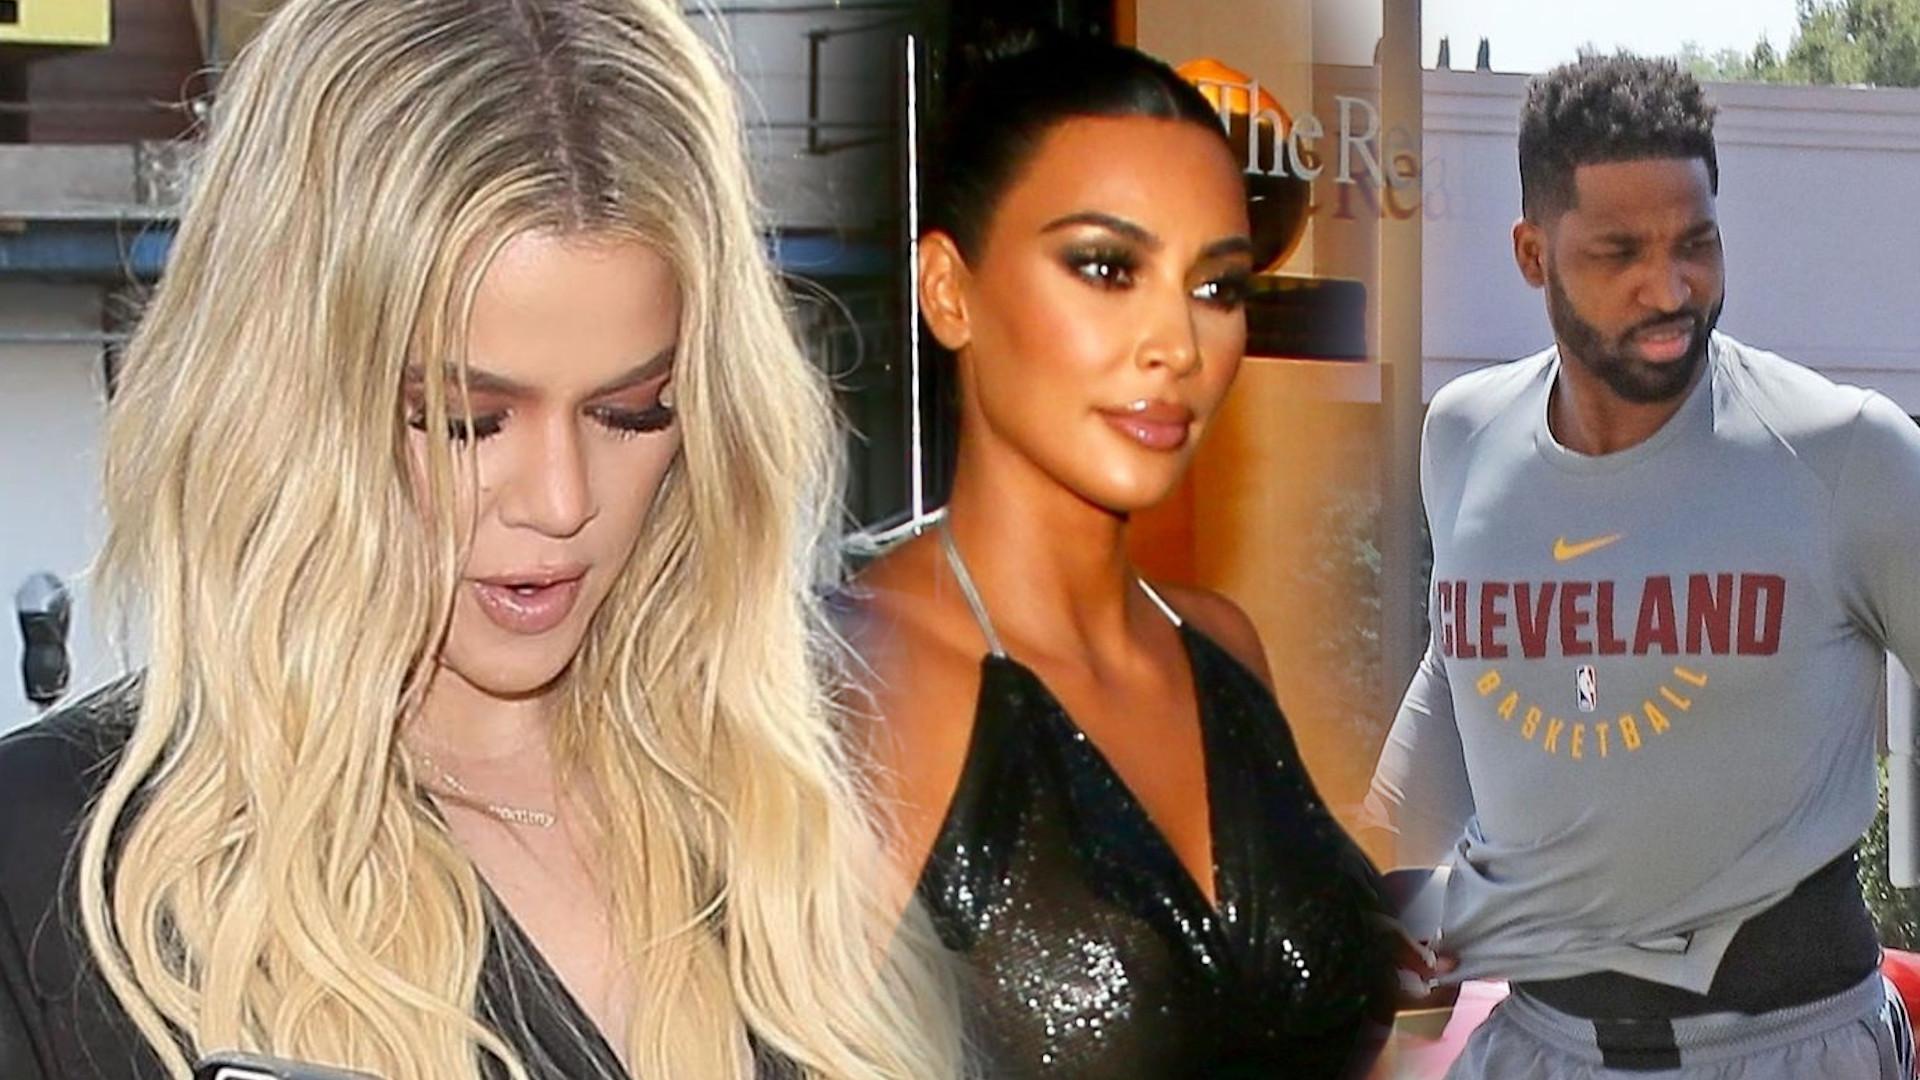 Reakcja Khloe Kardashian na to, że Kim Kardashian spędziła wieczór z Tristanem Thompsonem